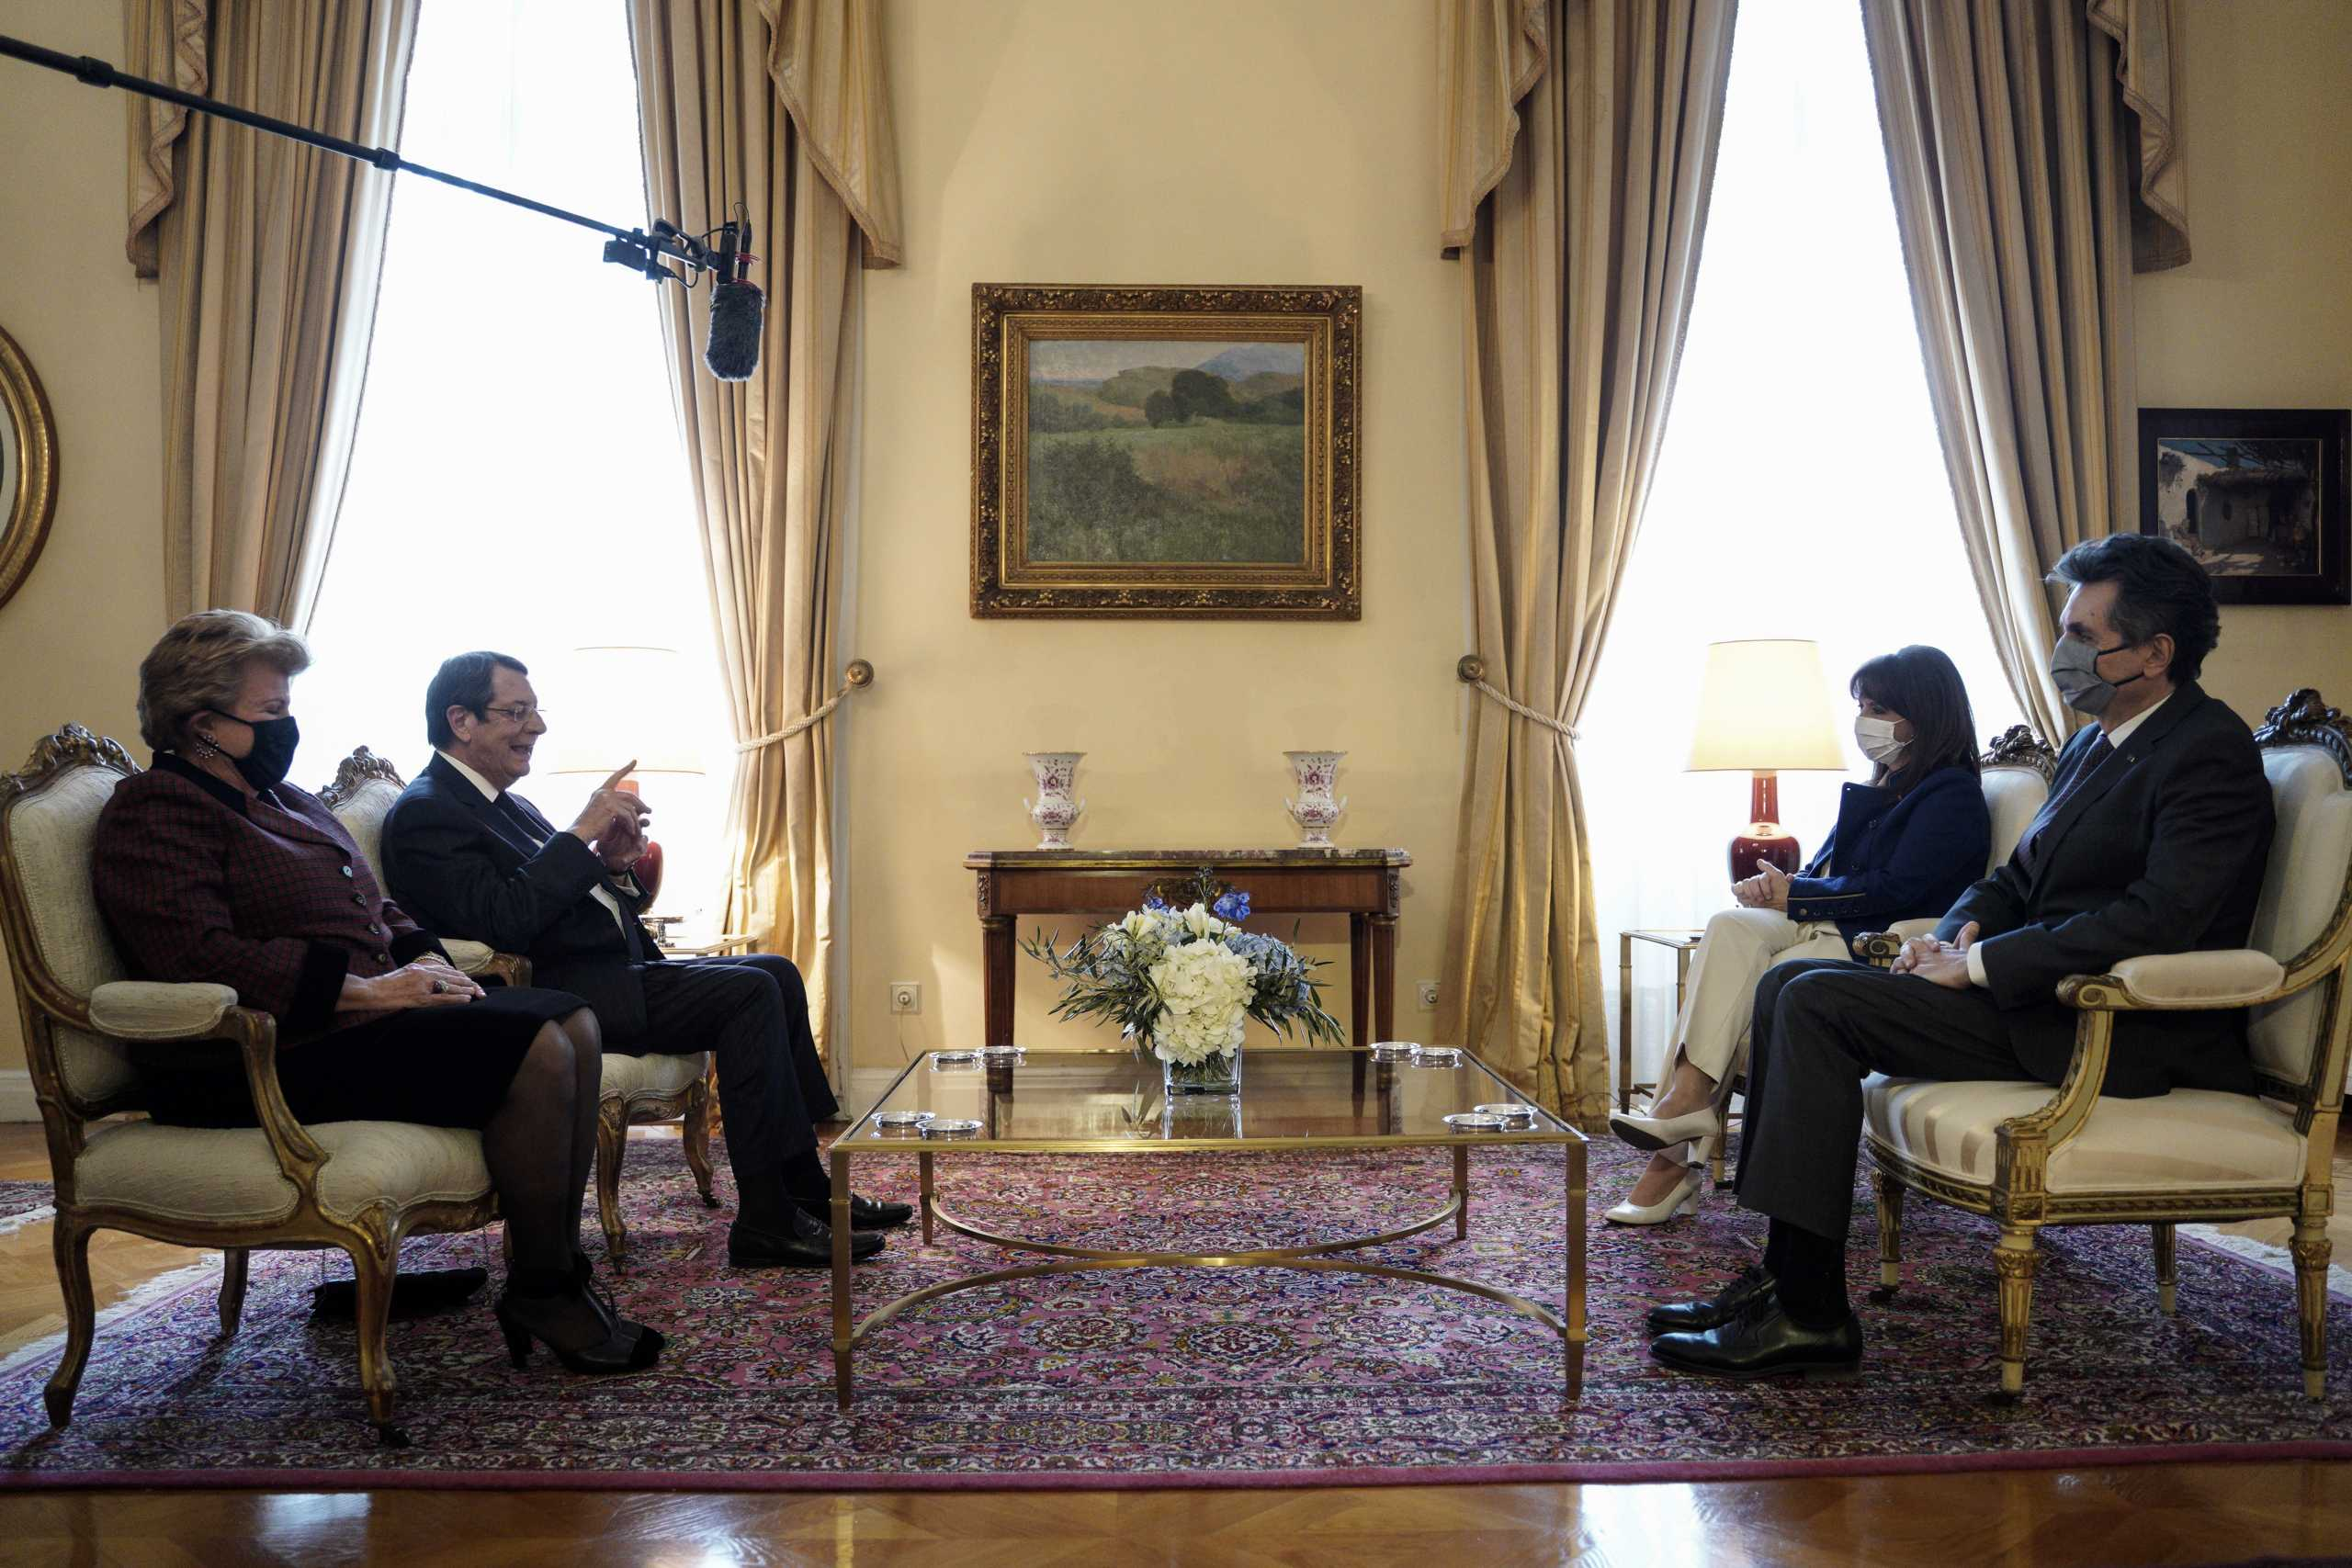 Σακελλαροπούλου σε Αναστασιάδη: Η Ελλάδα θα στηρίζει πάντοτε τα δίκαια του Κυπριακού Ελληνισμού